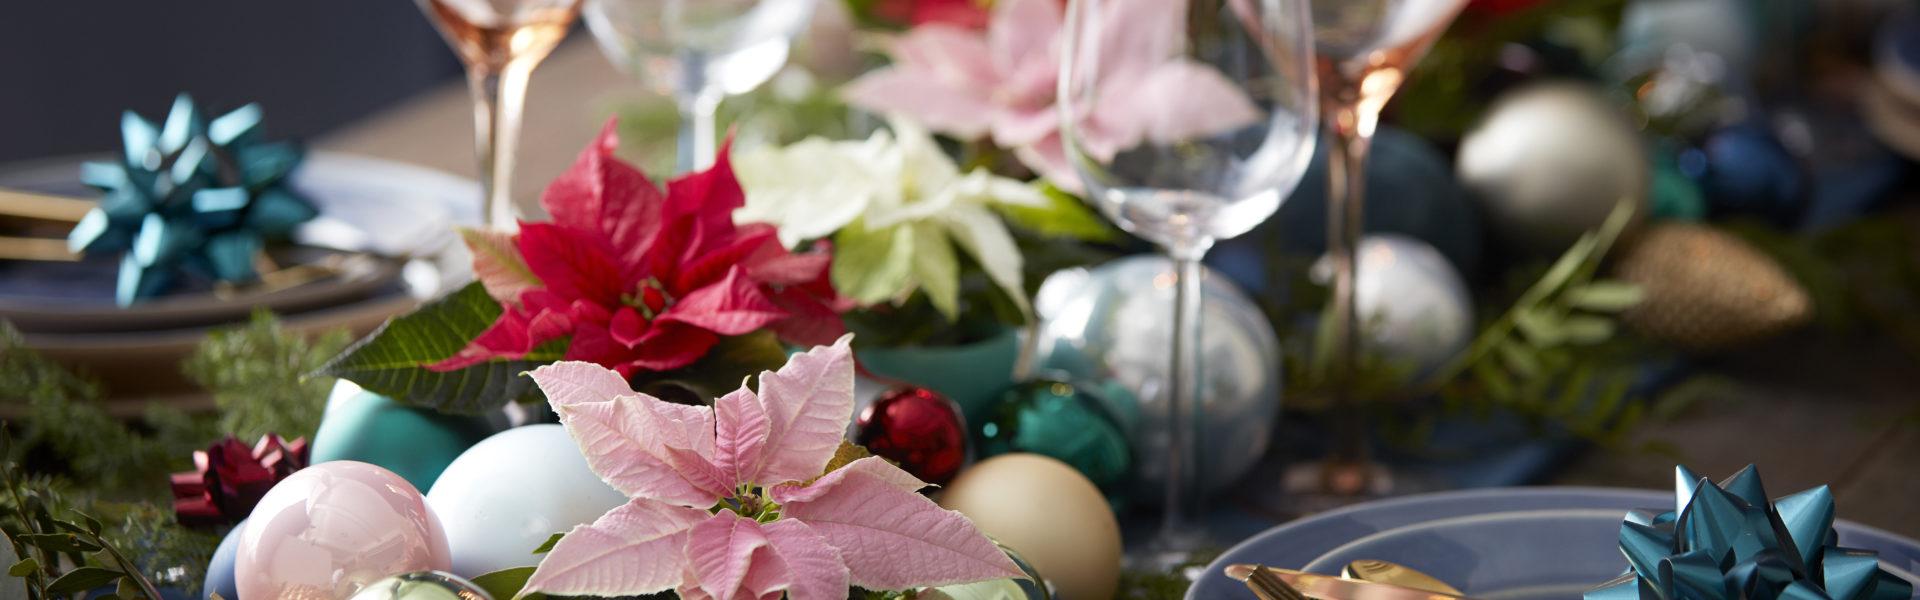 Fargerik julestemning med julestjerner